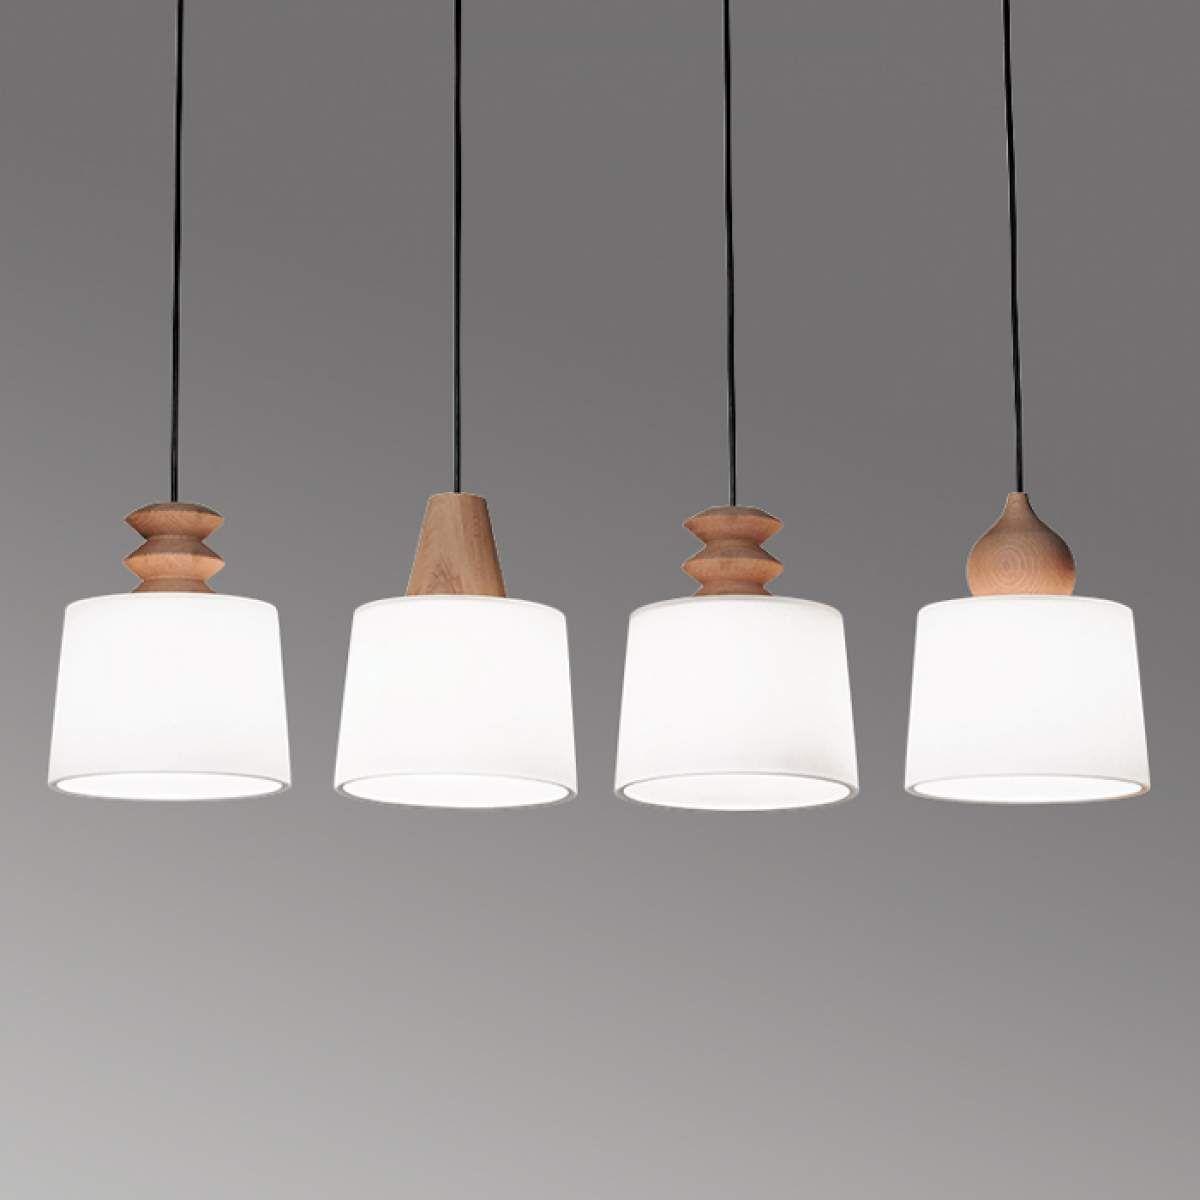 Geradlinige Hangelampe Eduardo Mit Vier Schirmen Jetzt Bestellen Unter Https Moebel Ladendirekt De Lampen Deckenleuchten Deck Lampe Hangeleuchte Hange Lampe